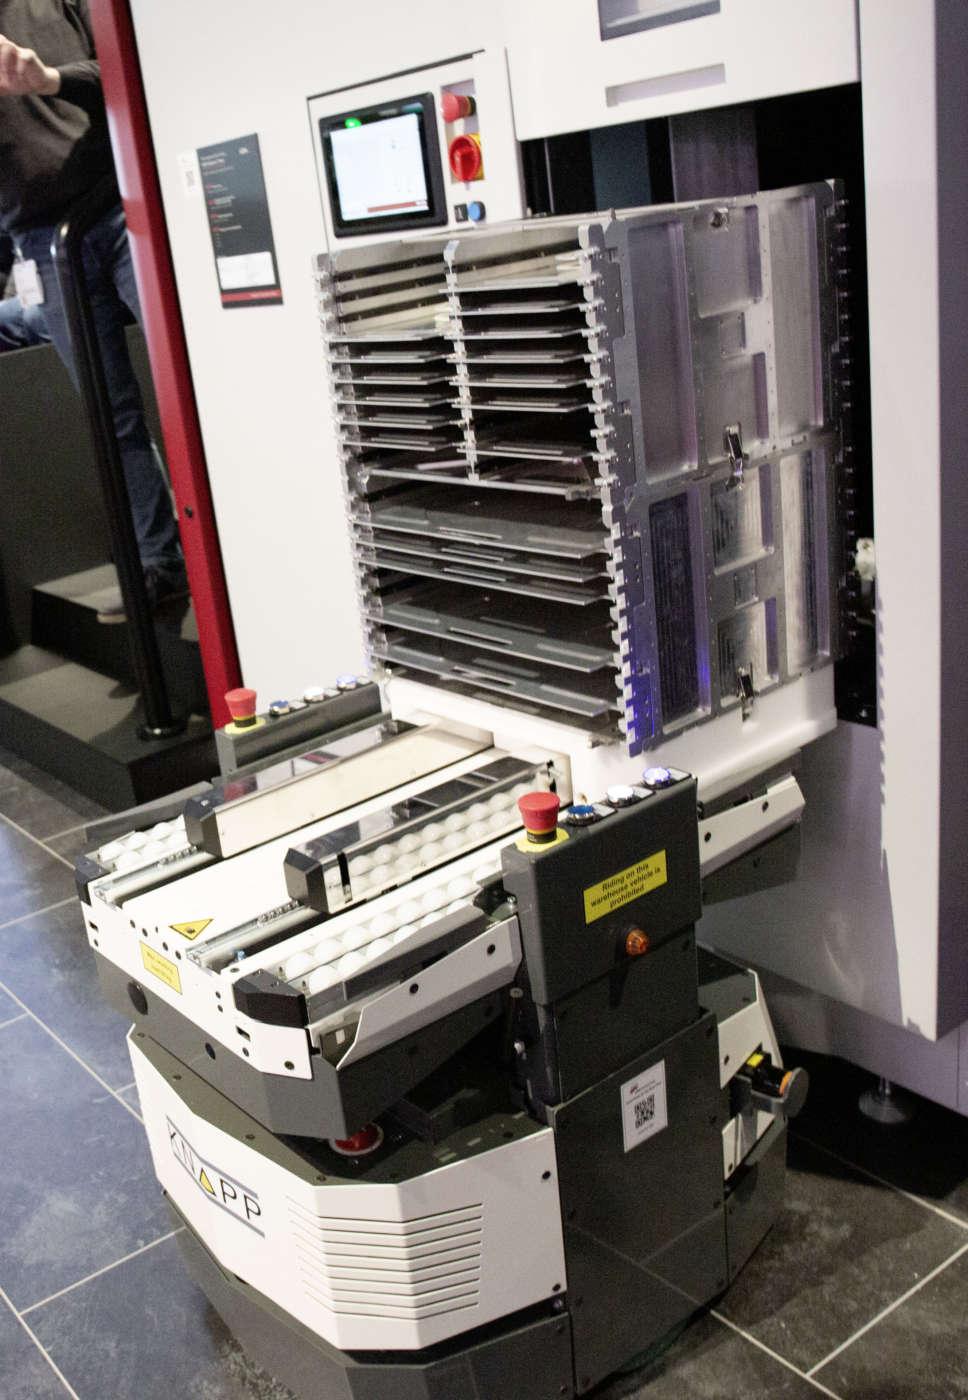 Un AGV attende presso l'ASM Material Tower per ricevere le bobine dei componenti che sono già state ordinate in base al setup di macchina previsto